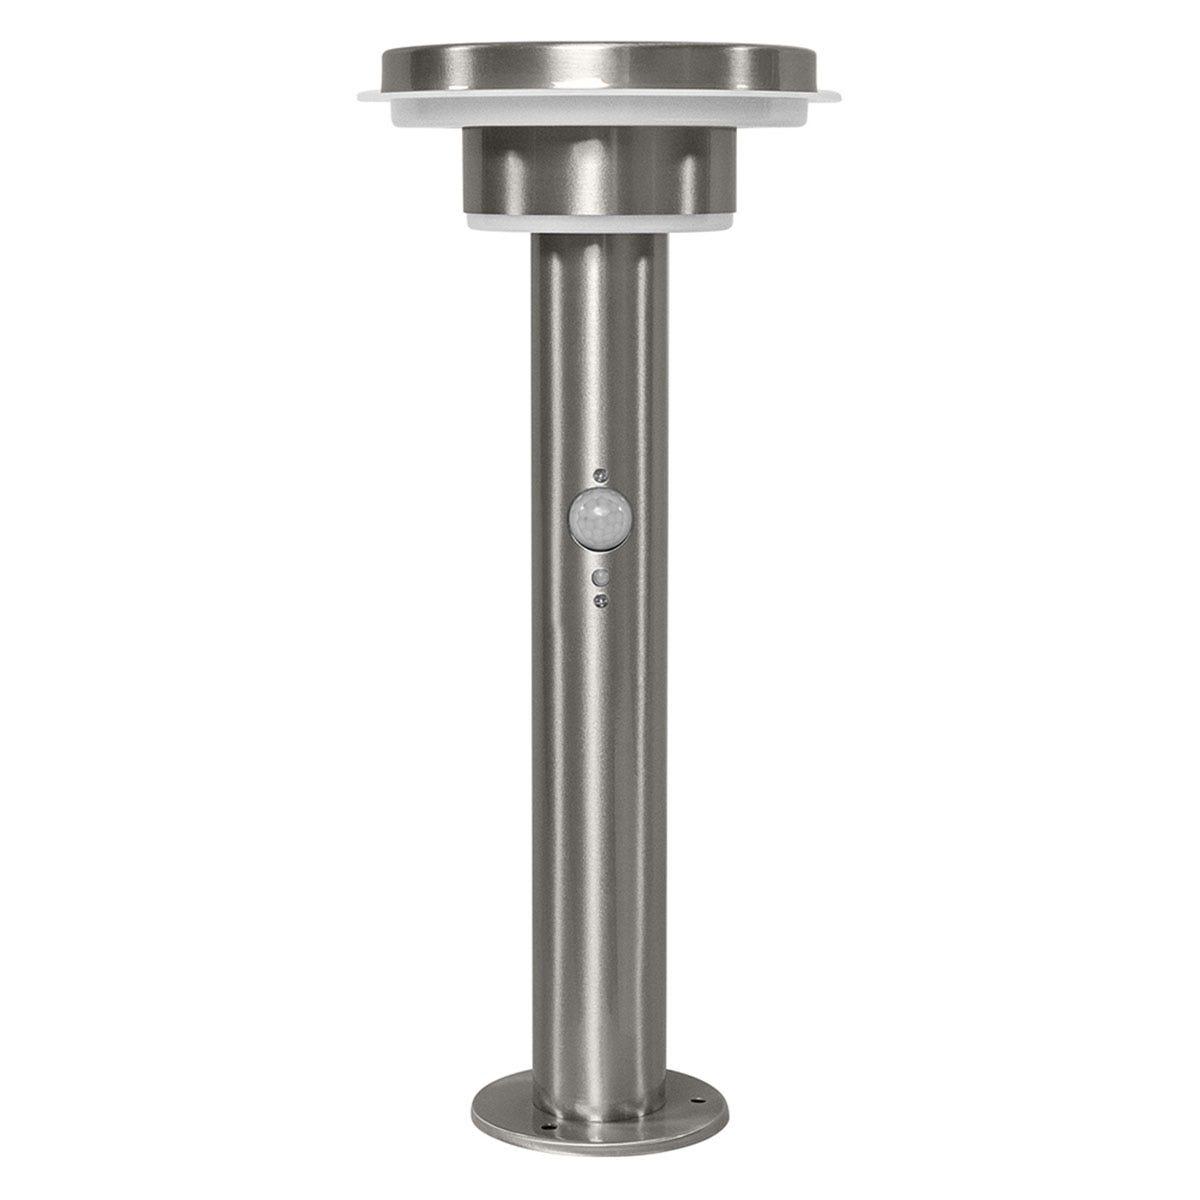 Ledvance Endura Solar Style Circle Garden Light with Sensor - Stainless Steel